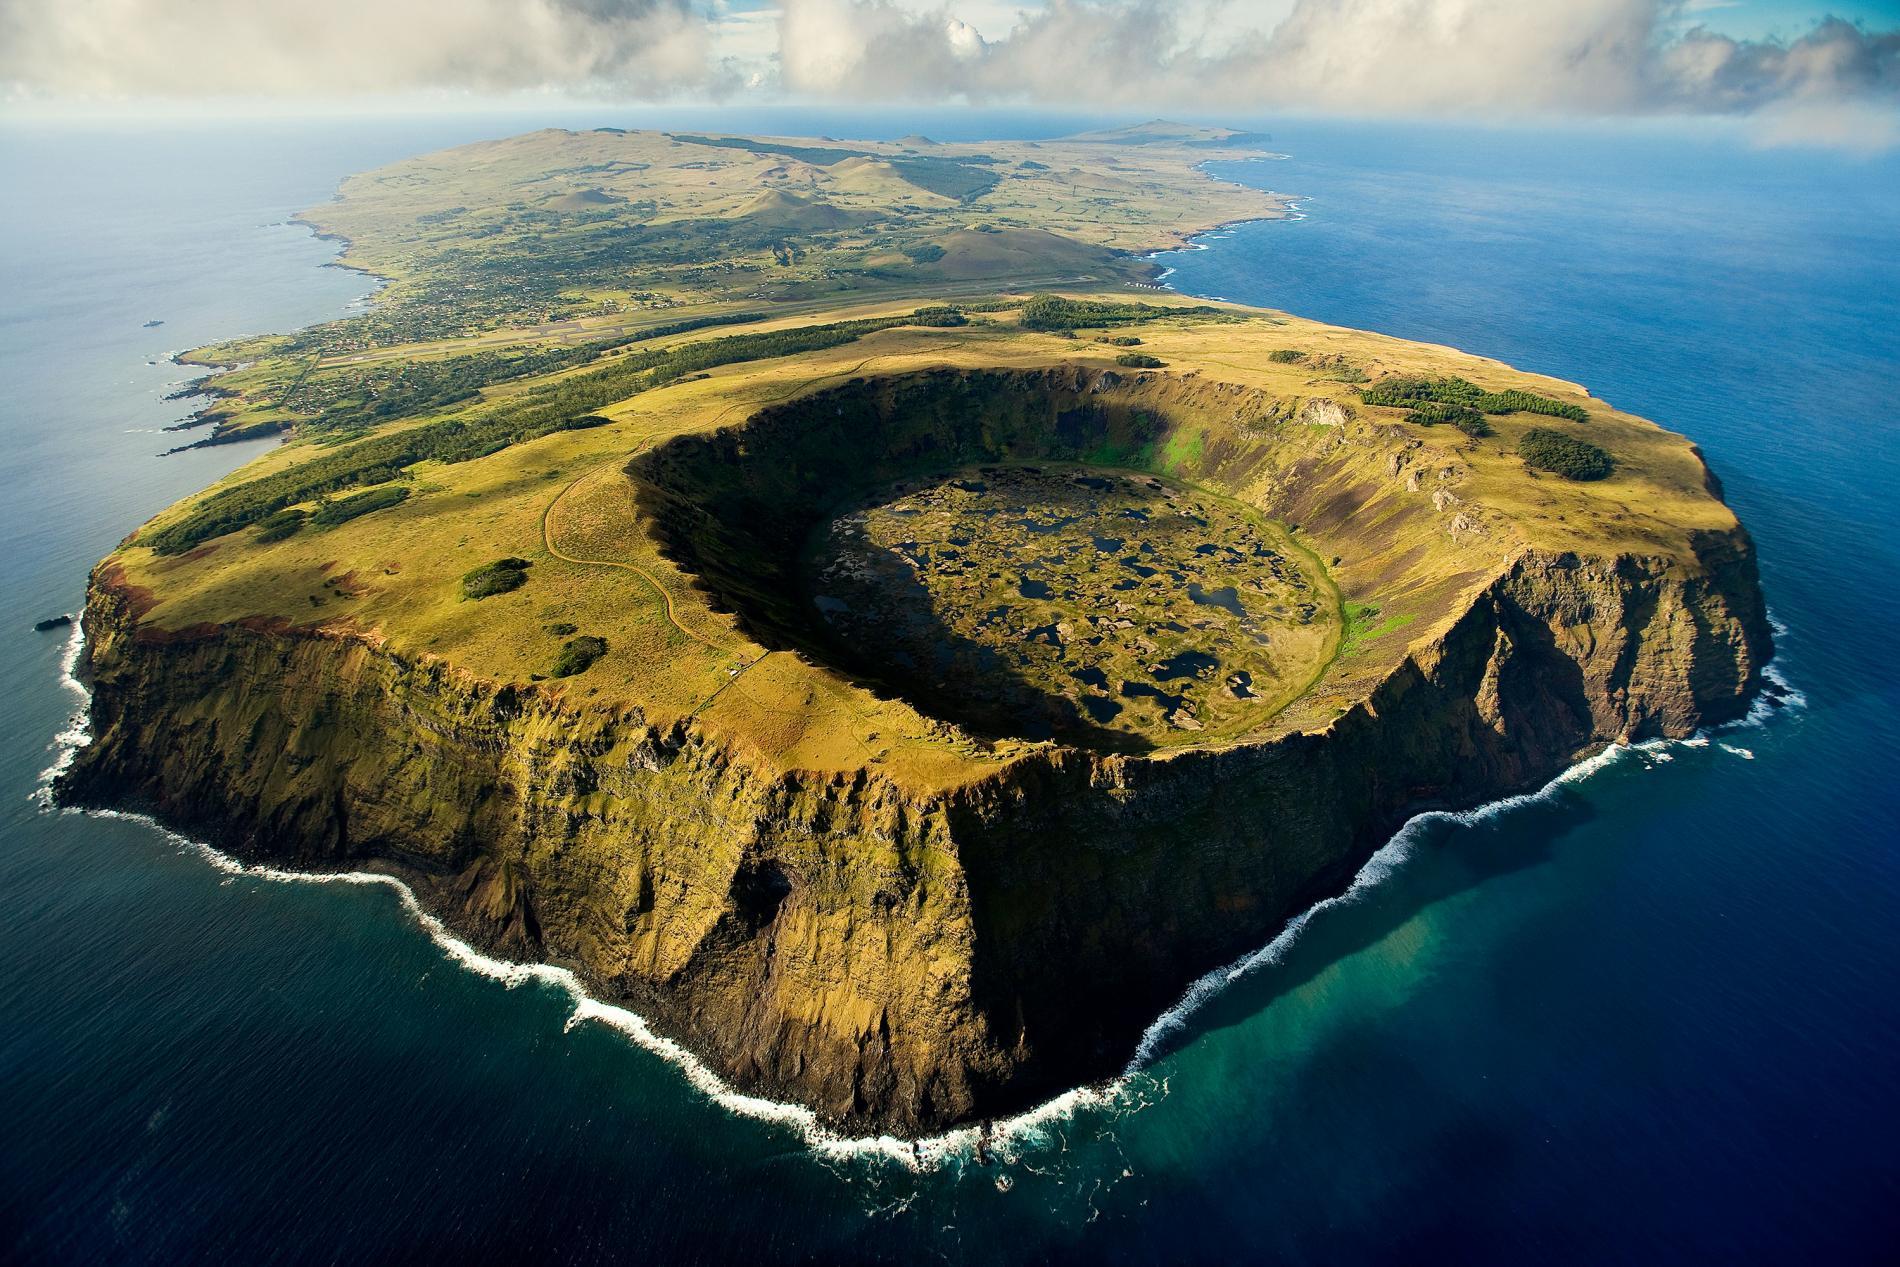 A la découverte de l'Île de Pâques - Le Blog La Cure Gourmande - La Cure Gourmande